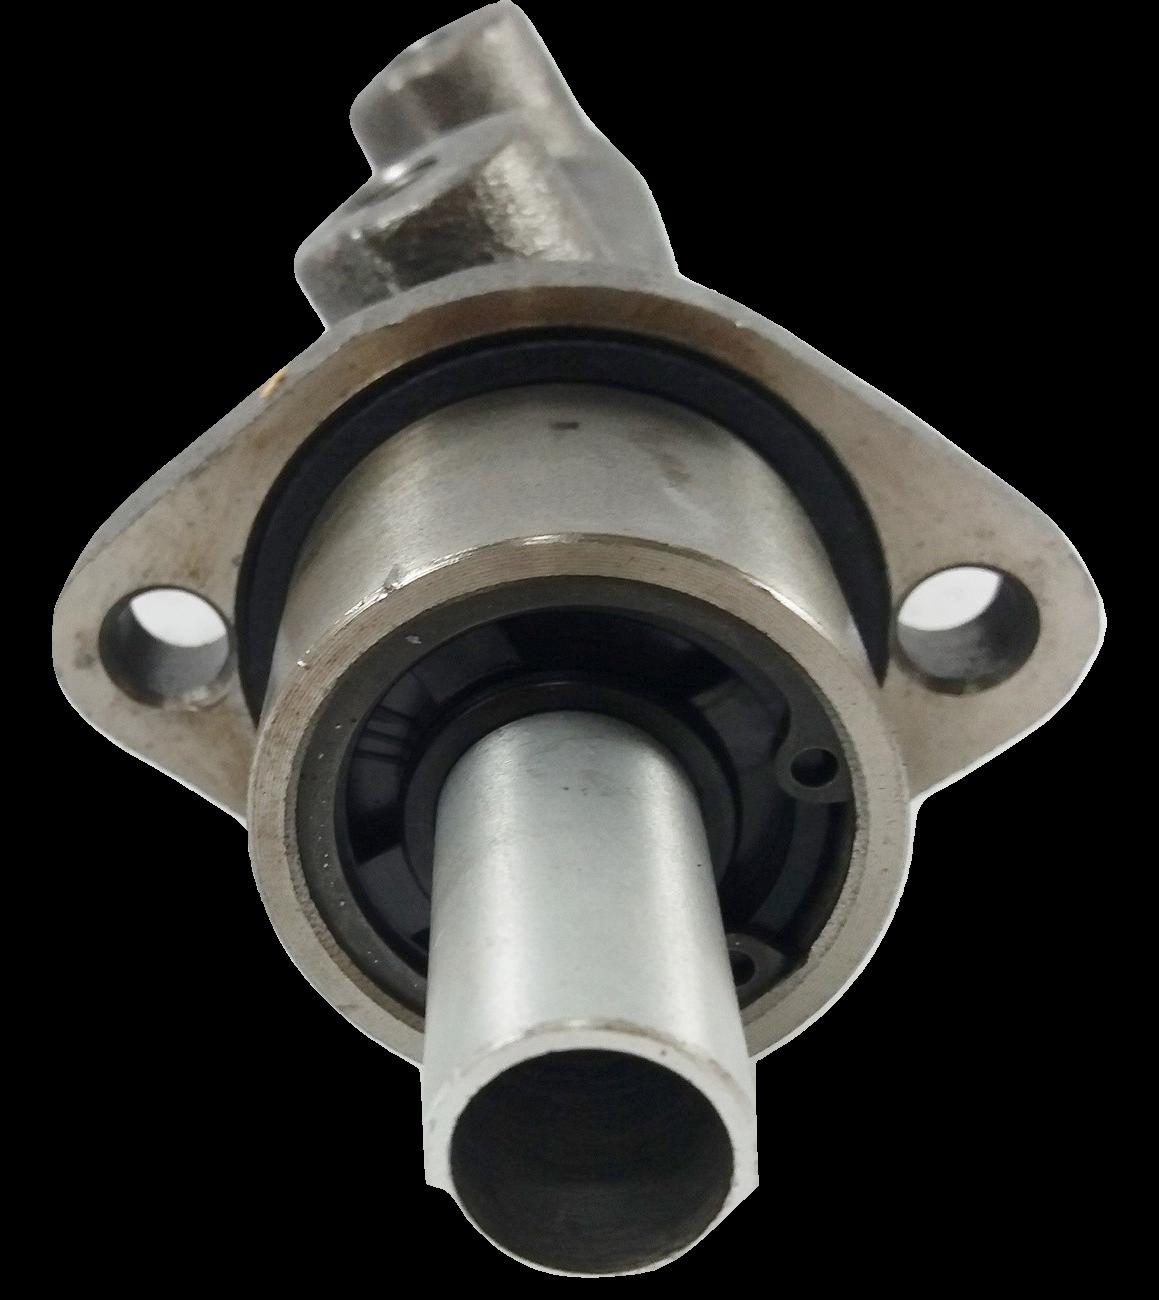 Cilindro Mestre de Freio  - 22,22mm - FIAT - Fiorino (mod. Uno) / Tempra / Palio / Palio Weekend / Siena / Strada - C2042